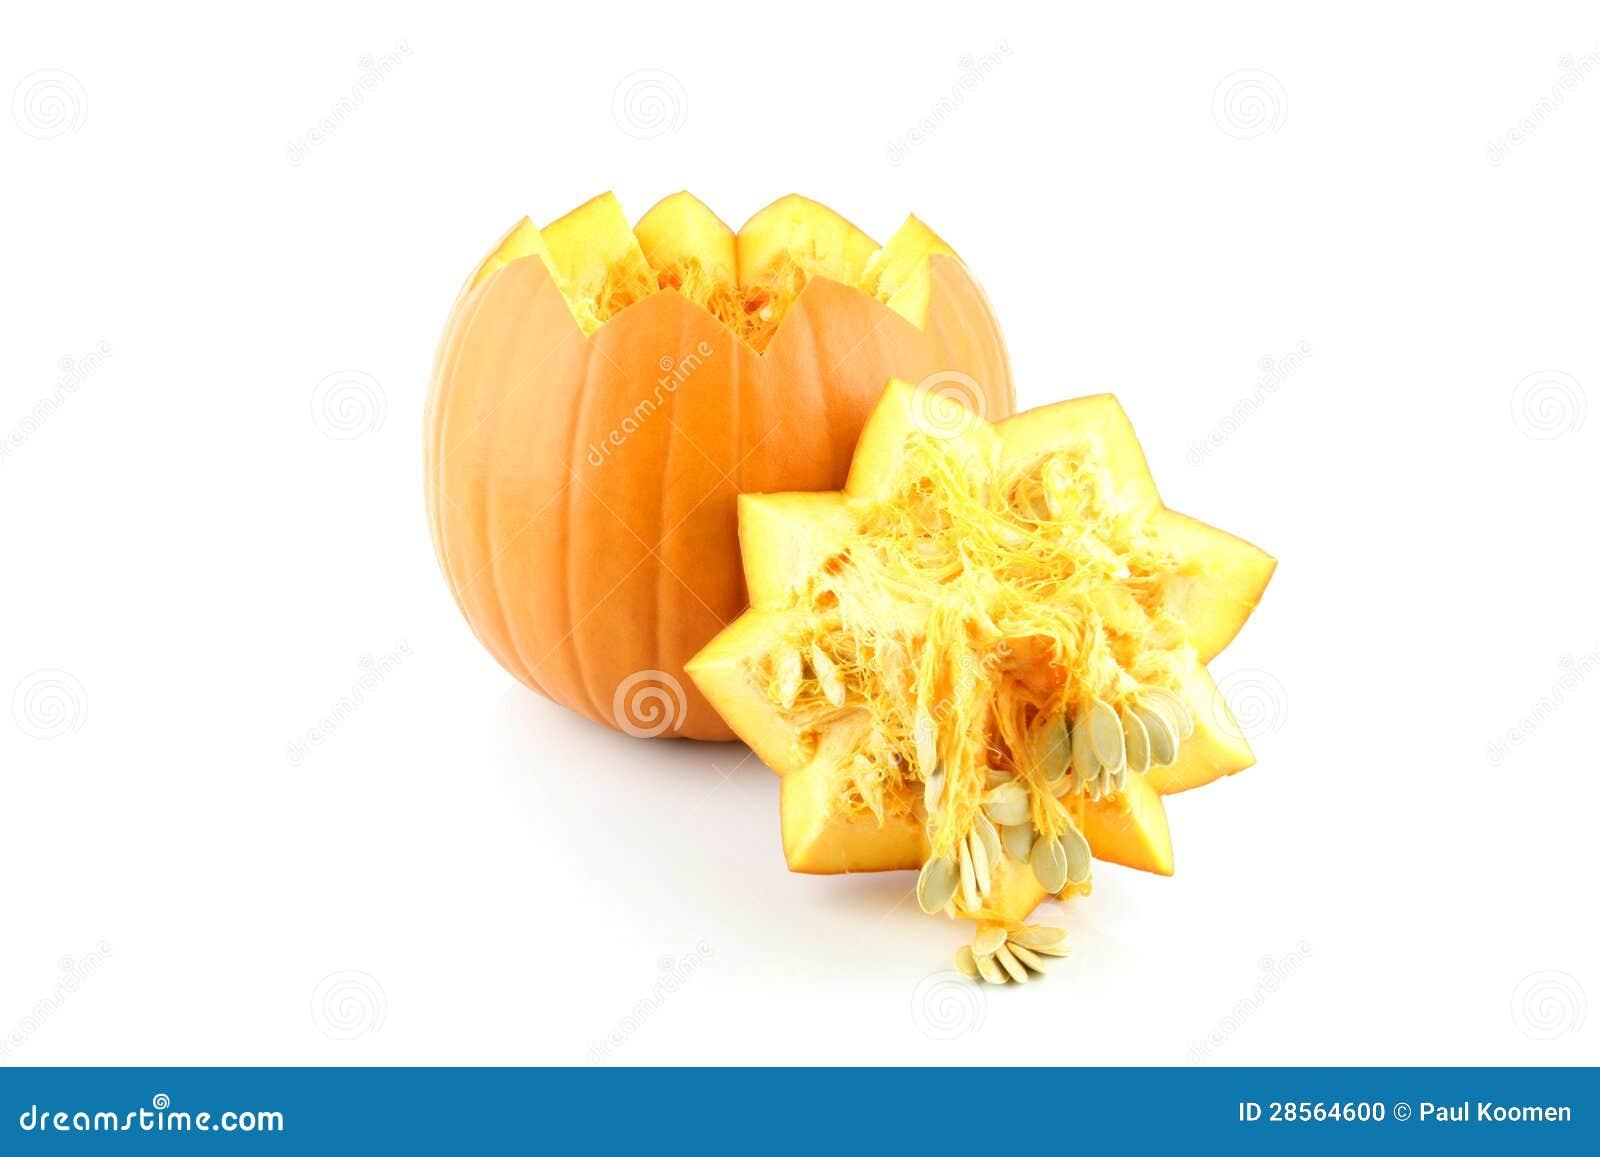 桔子雕刻了在一个空白背景的开放南瓜.图片